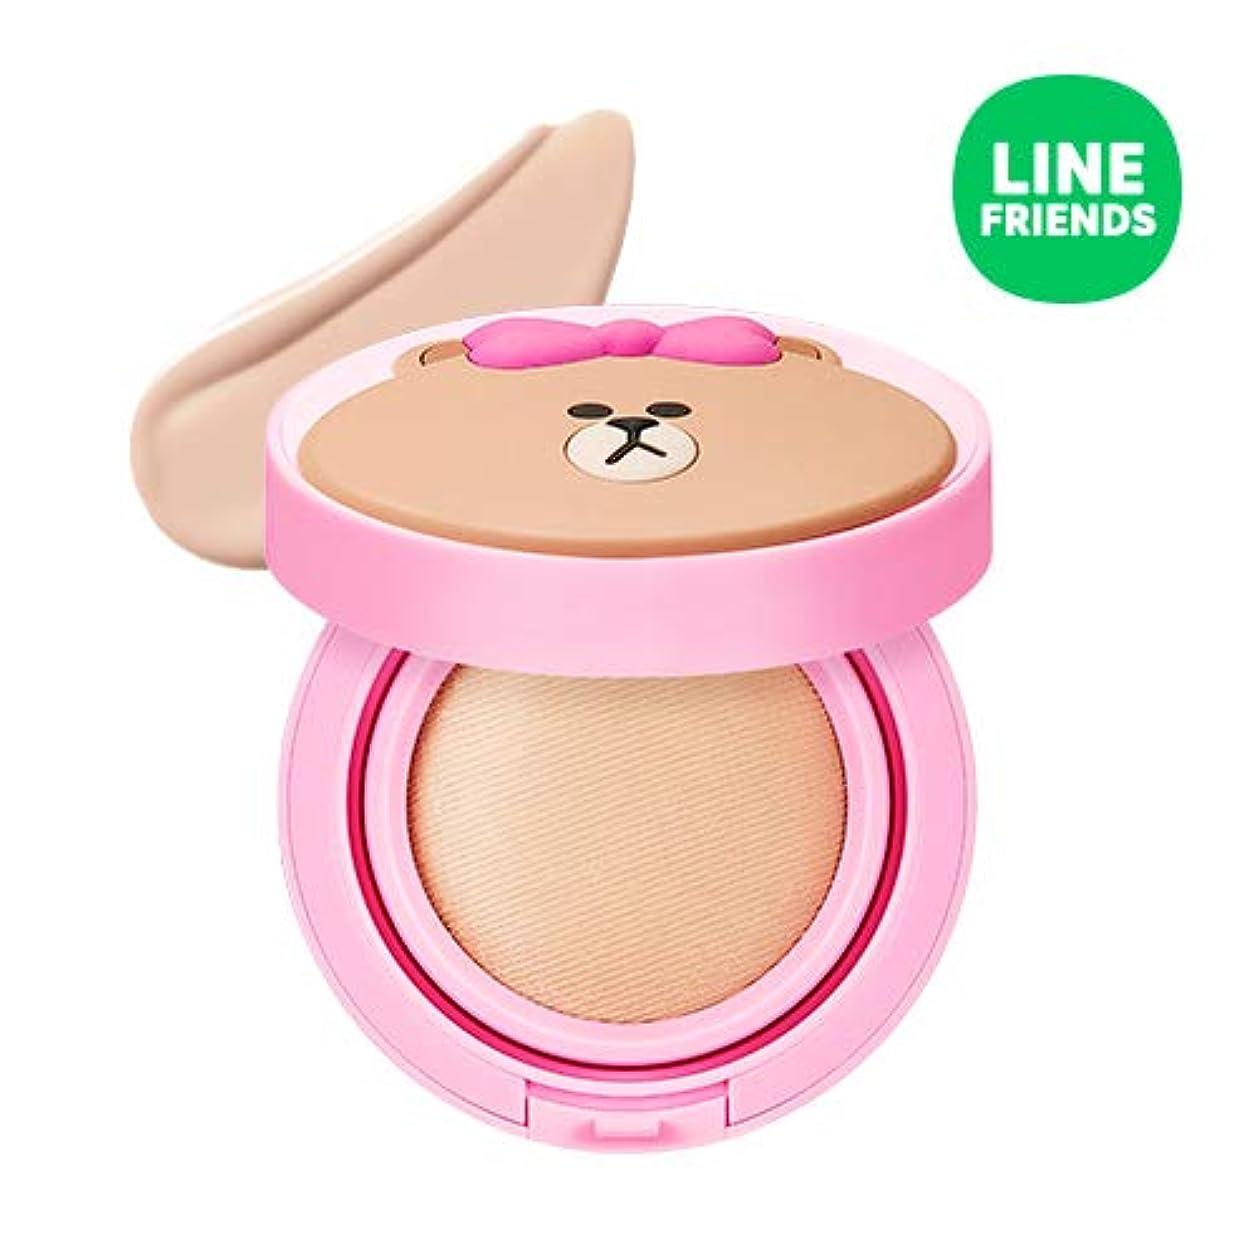 アルプスプーノ化合物ミシャ(ラインフレンズ)グローテンション15g / MISSHA [Line Friends Edition] Glow Tension SPF50 PA+++ #Fair(Pink tone No.21) [並行輸入品]